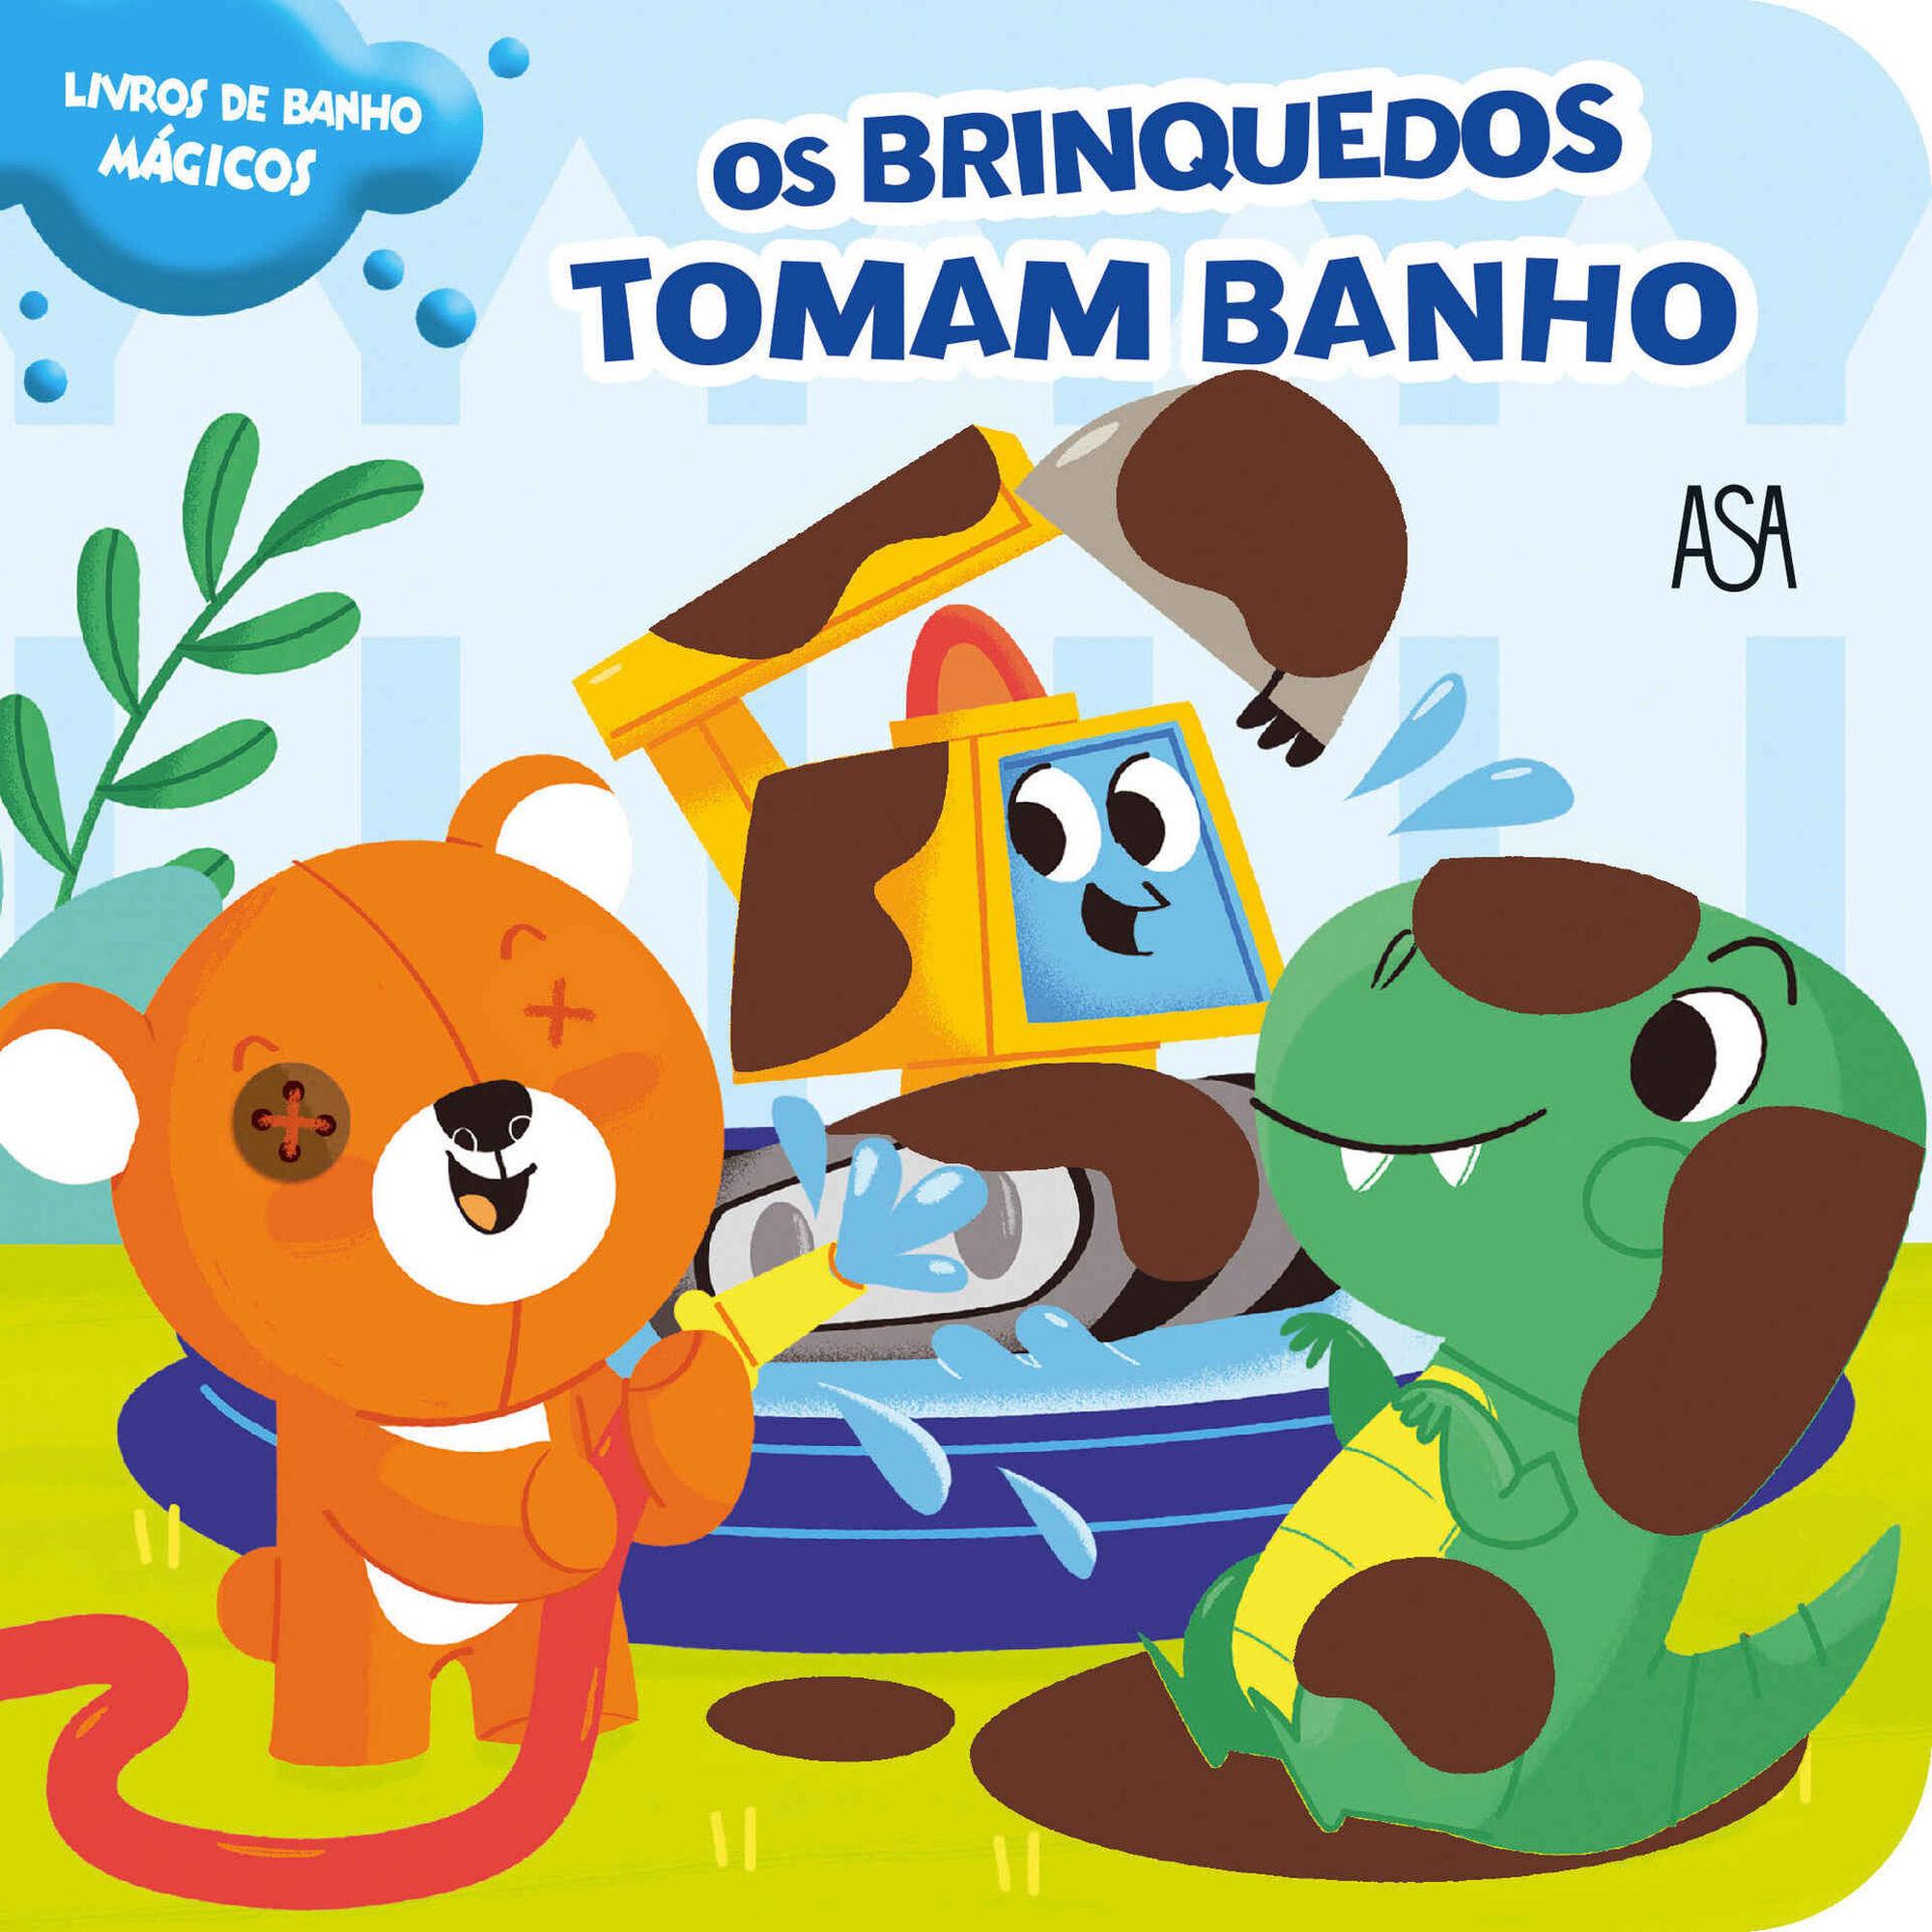 Os Brinquedos Tomam Banho